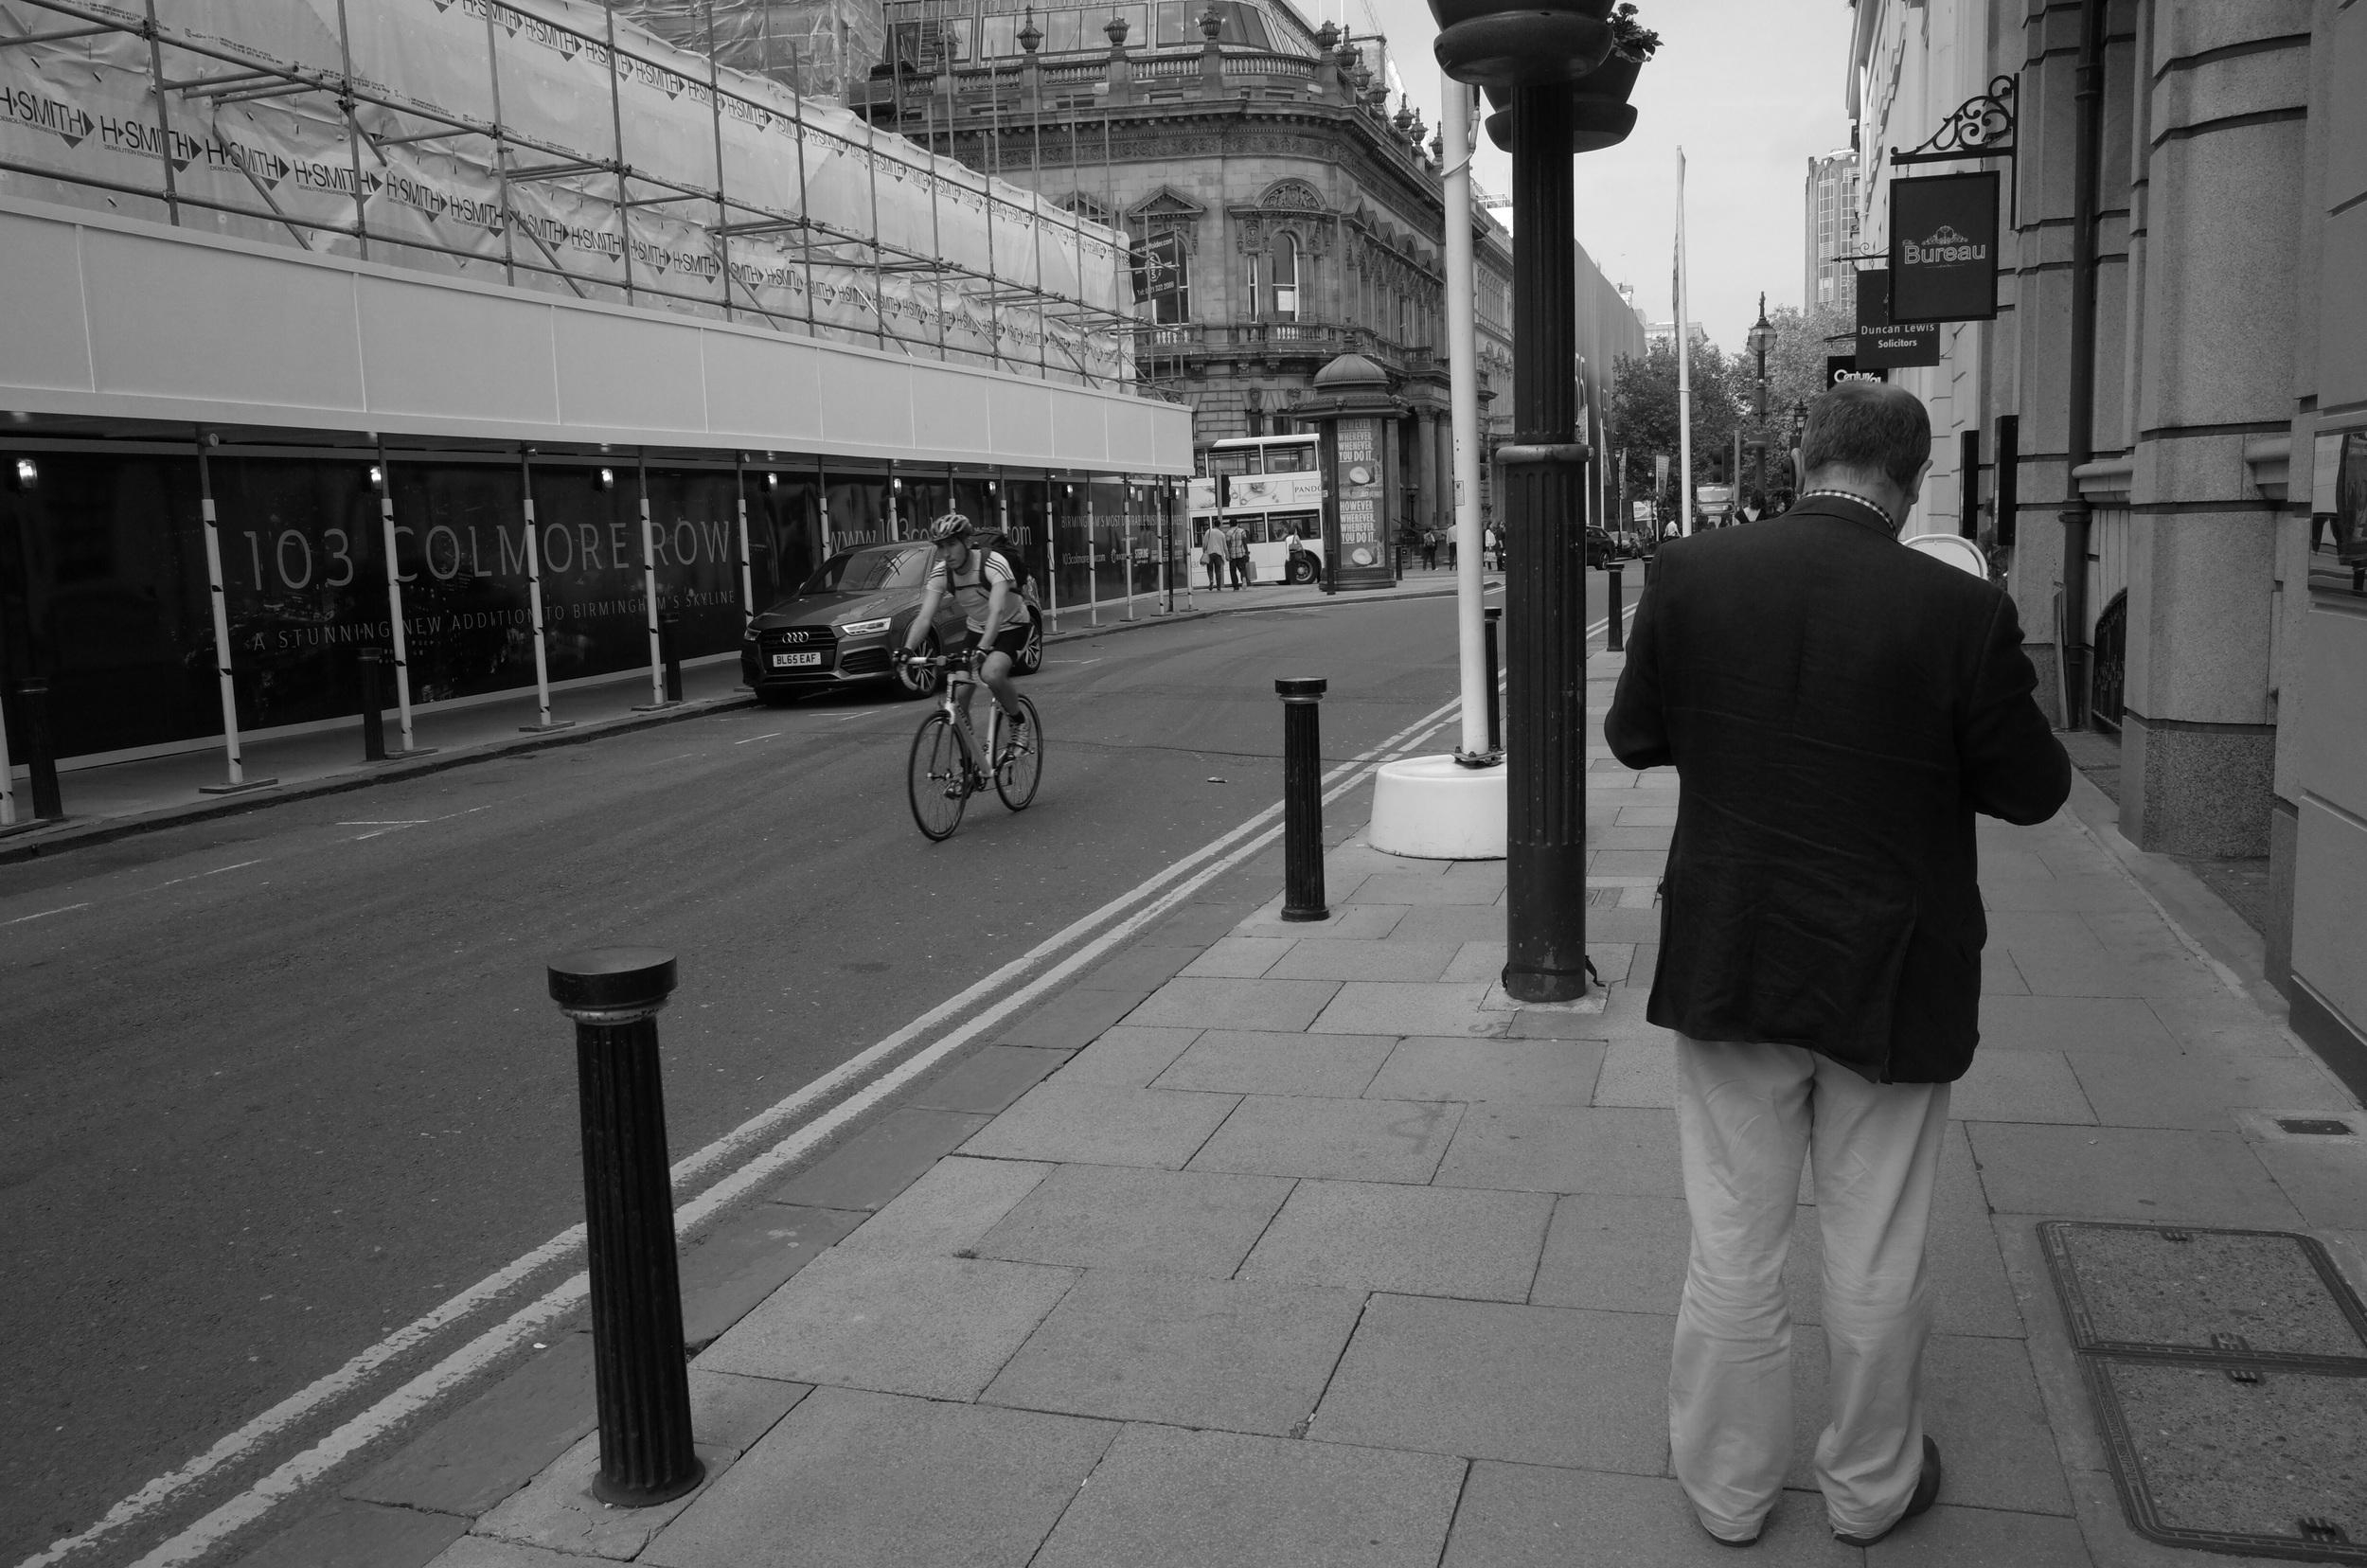 Birmingham - Clifford Darby 2016